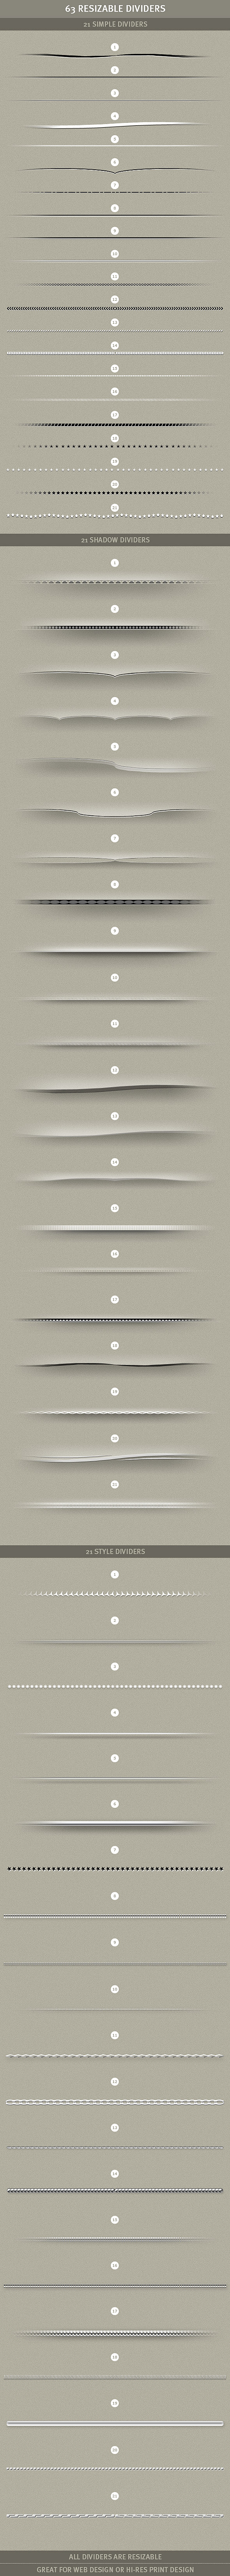 Amazing web element templates